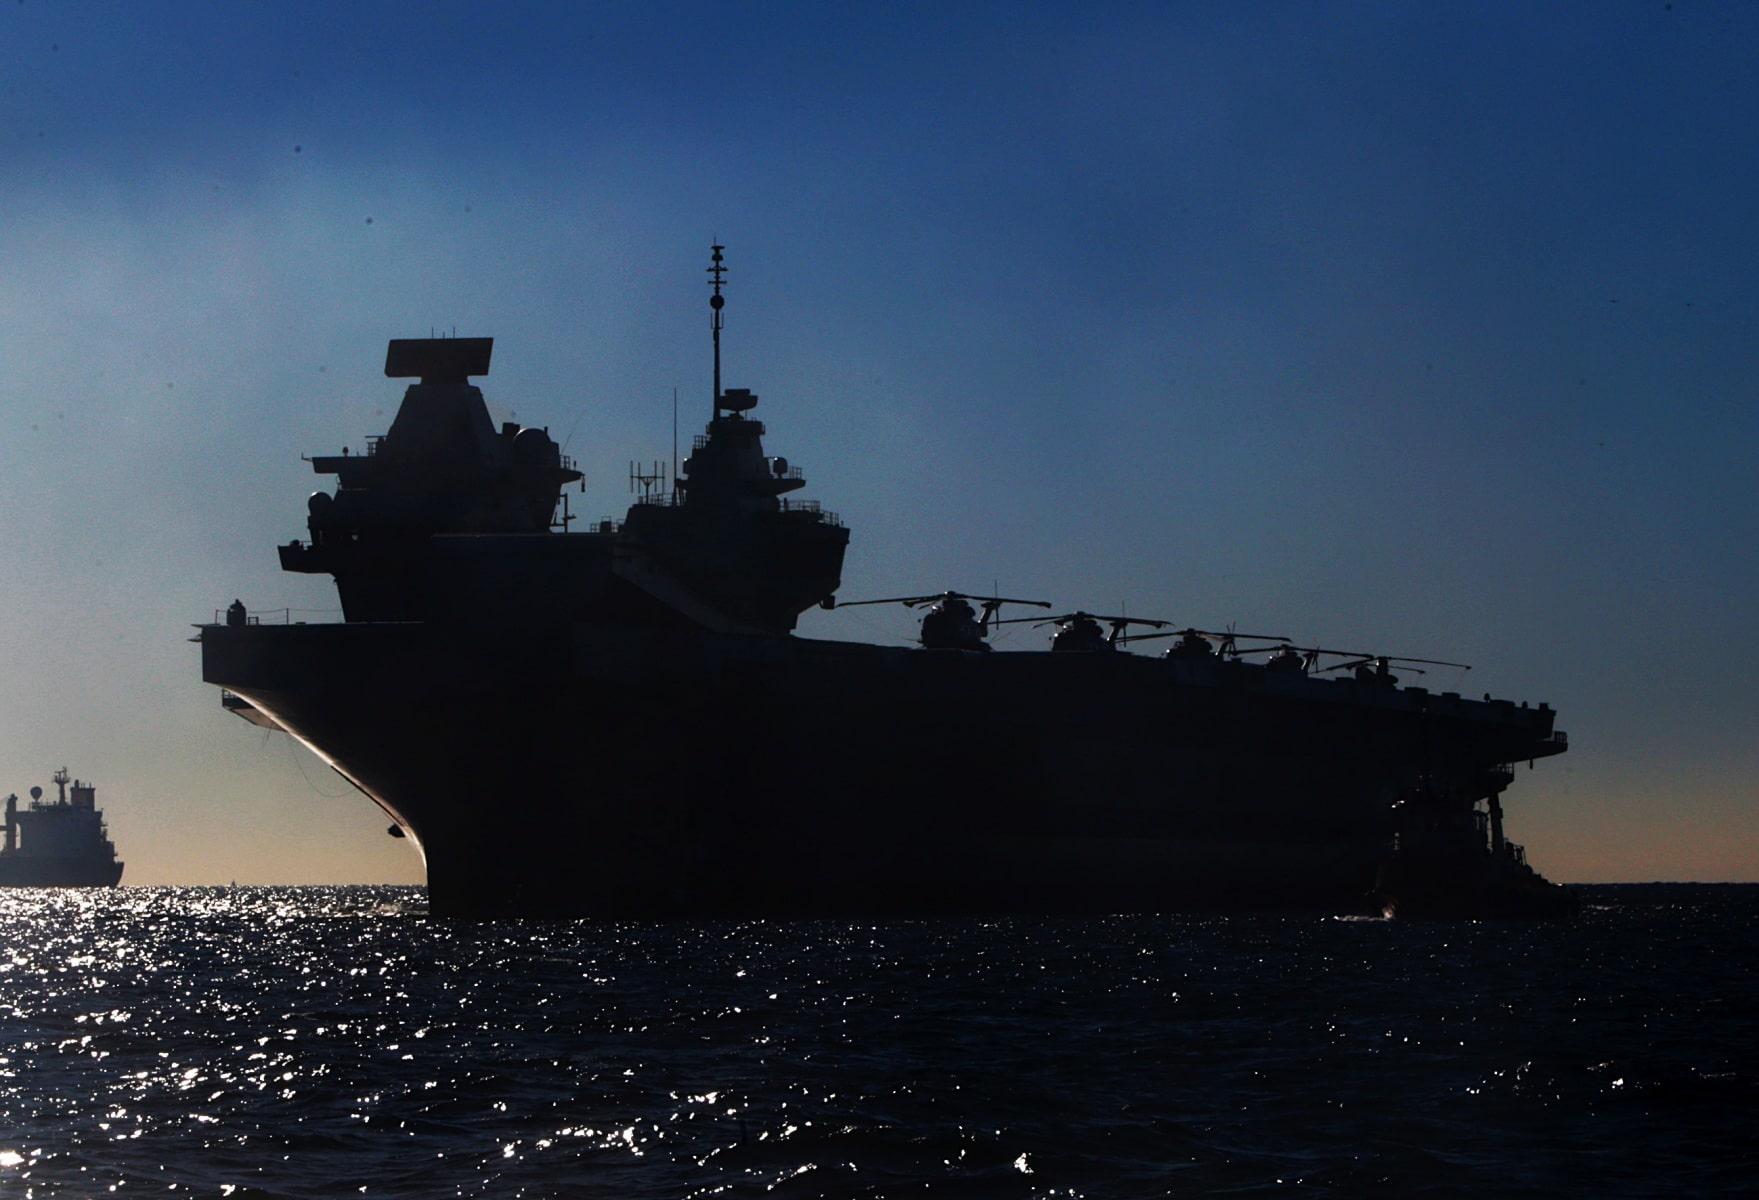 portaaviones-hms-queen-elizabeth-llegando-a-gibraltar-imagen-tomada-desde-uno-de-los-buques-de-apoyo-via-royal-navy-33_40133910282_o